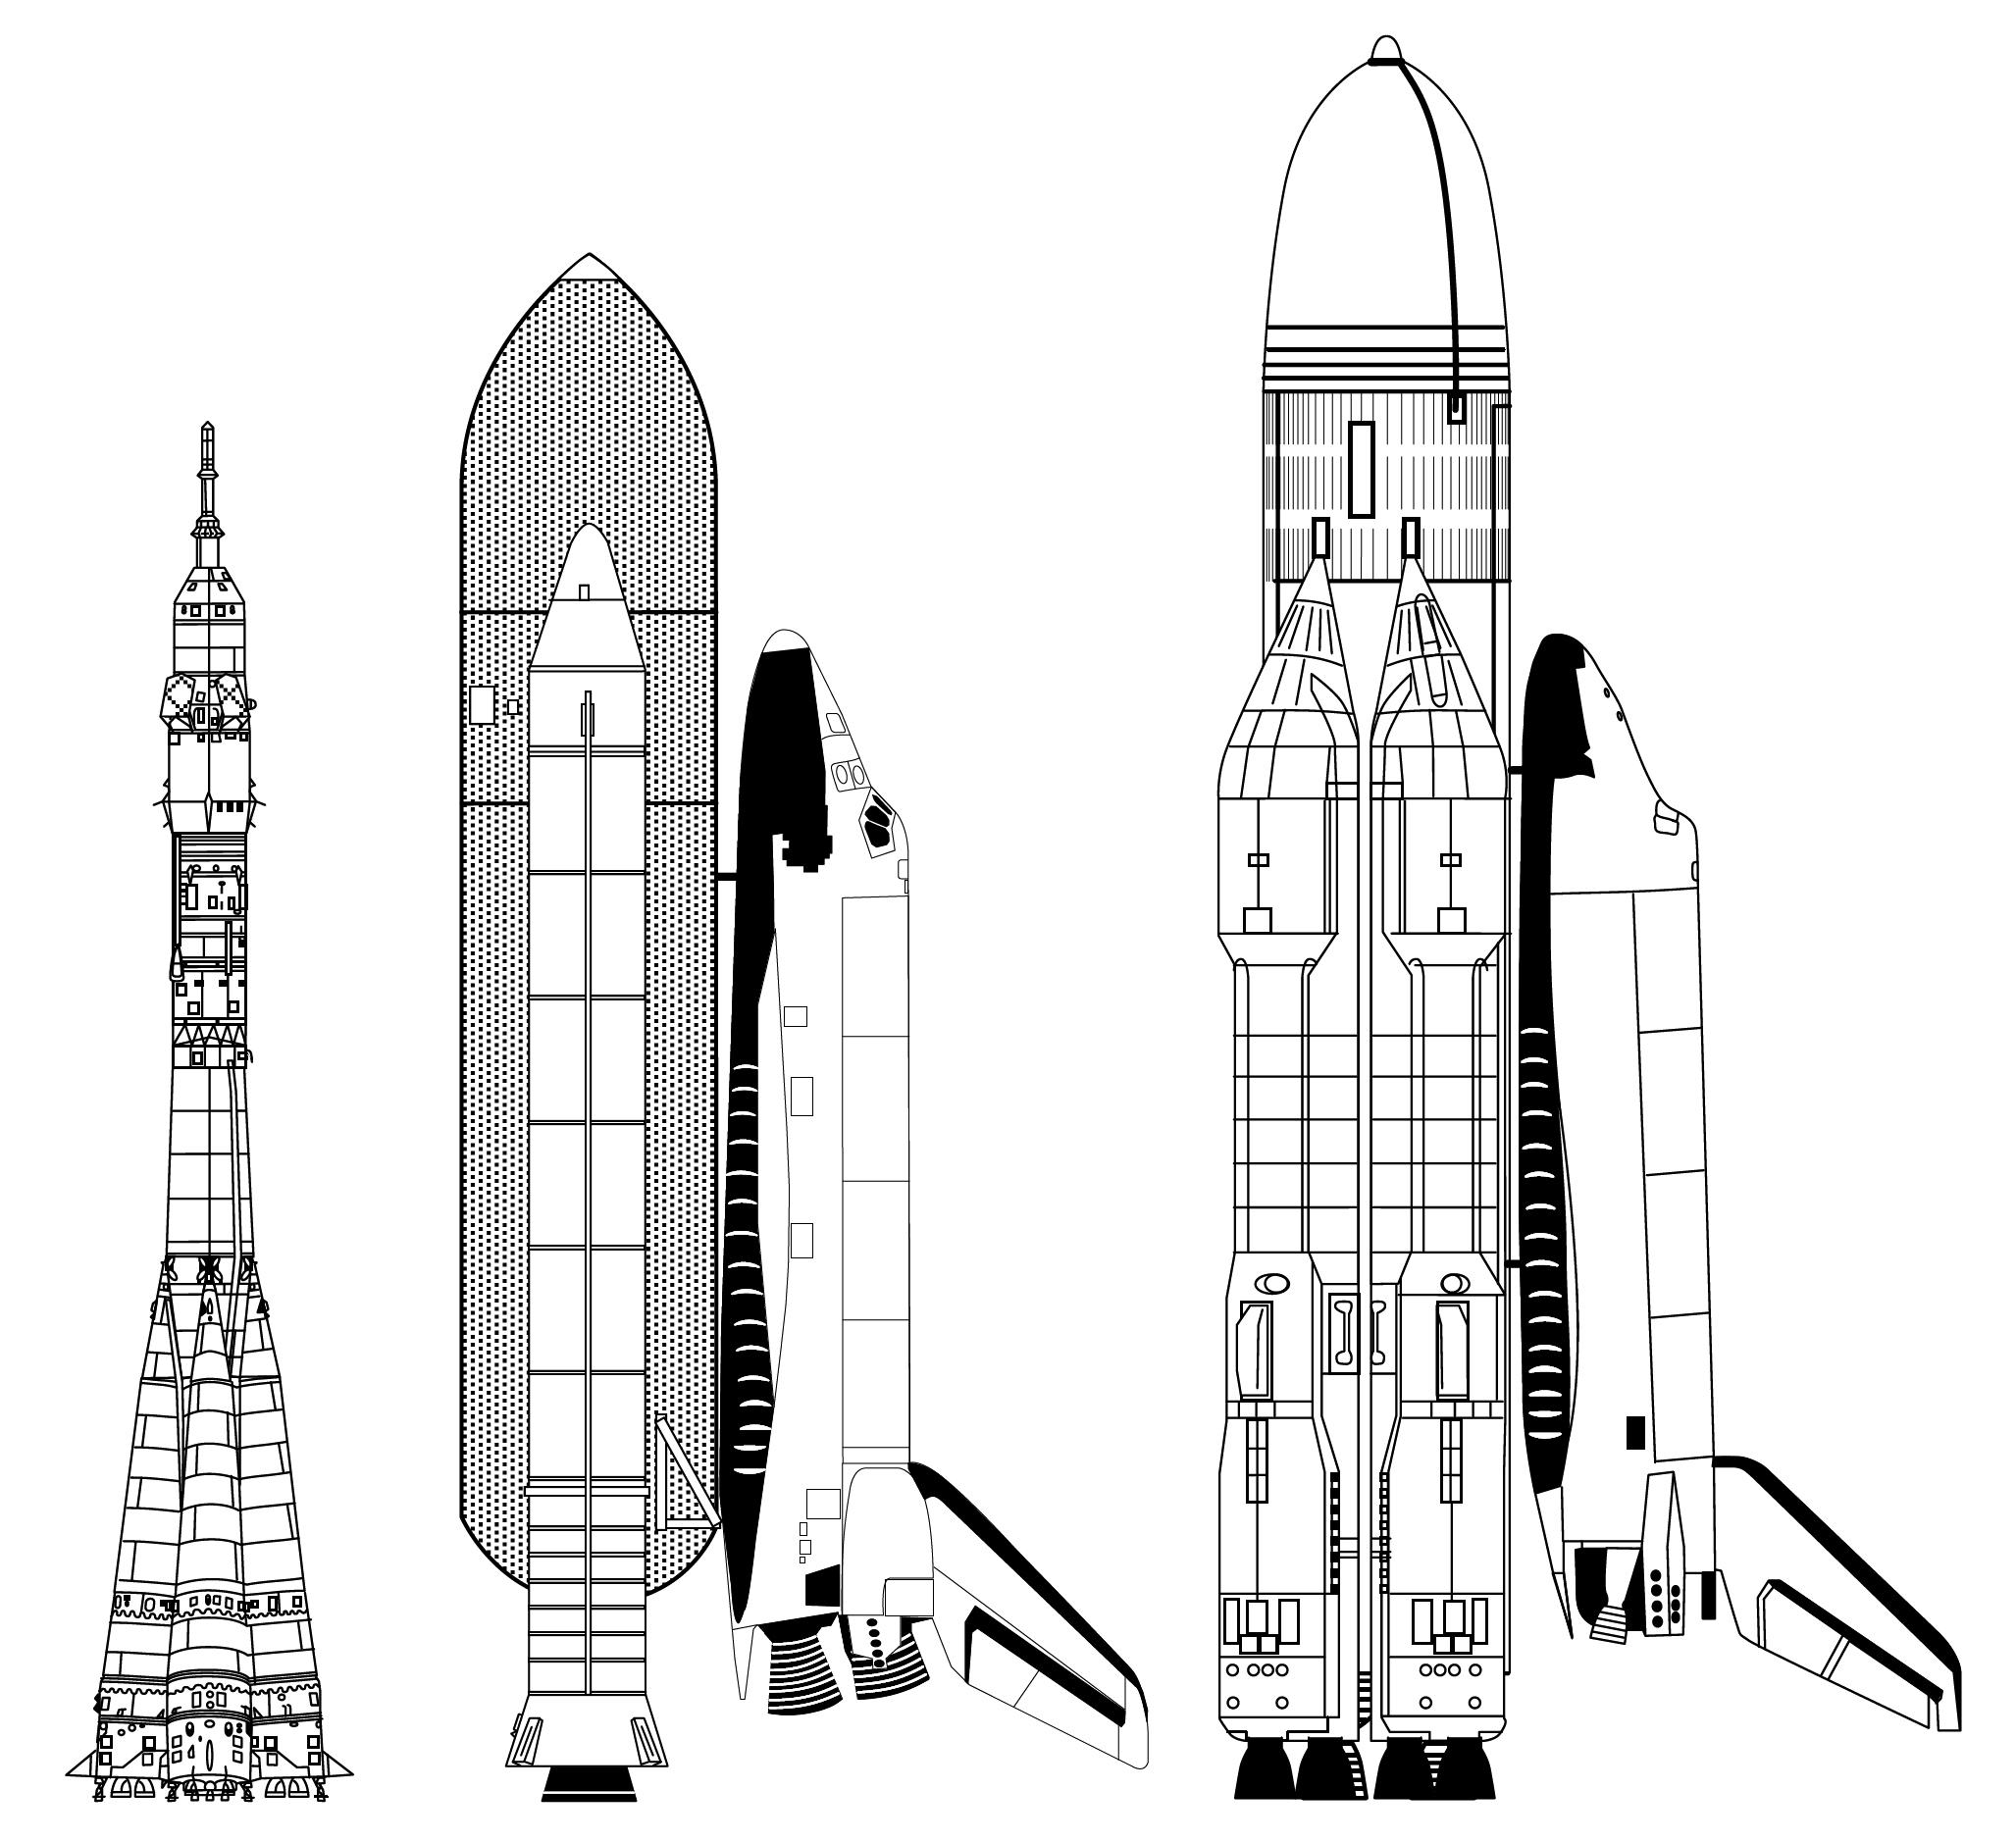 La navette spatiale Bourane ressemble à la navette américaine